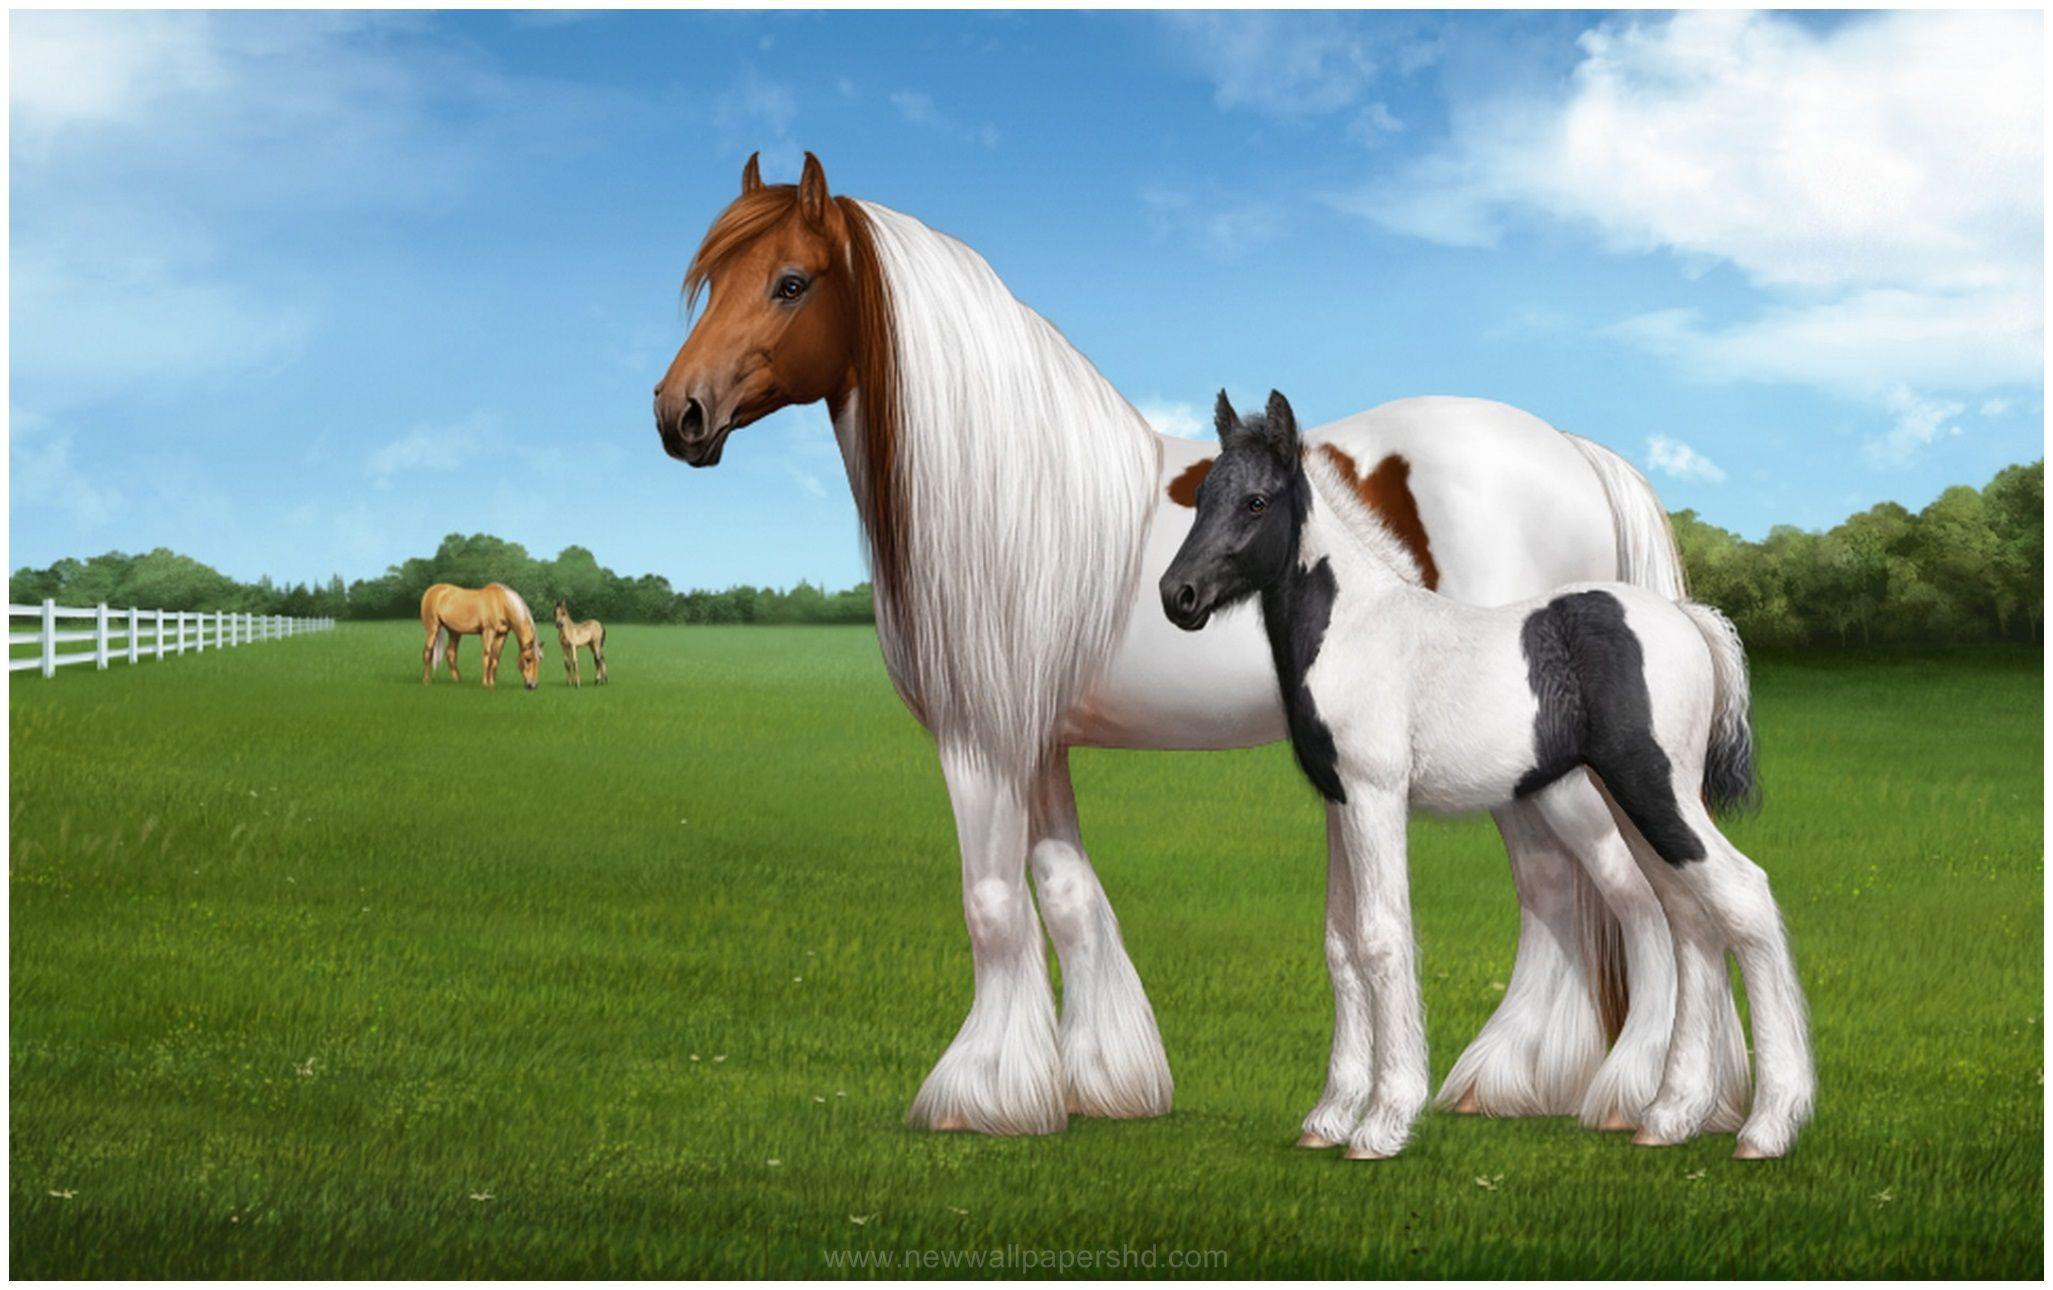 Top Wallpaper Horse Green - 05ccf8e8c0c0fb27286e0676726cccc0  HD_904310.jpg